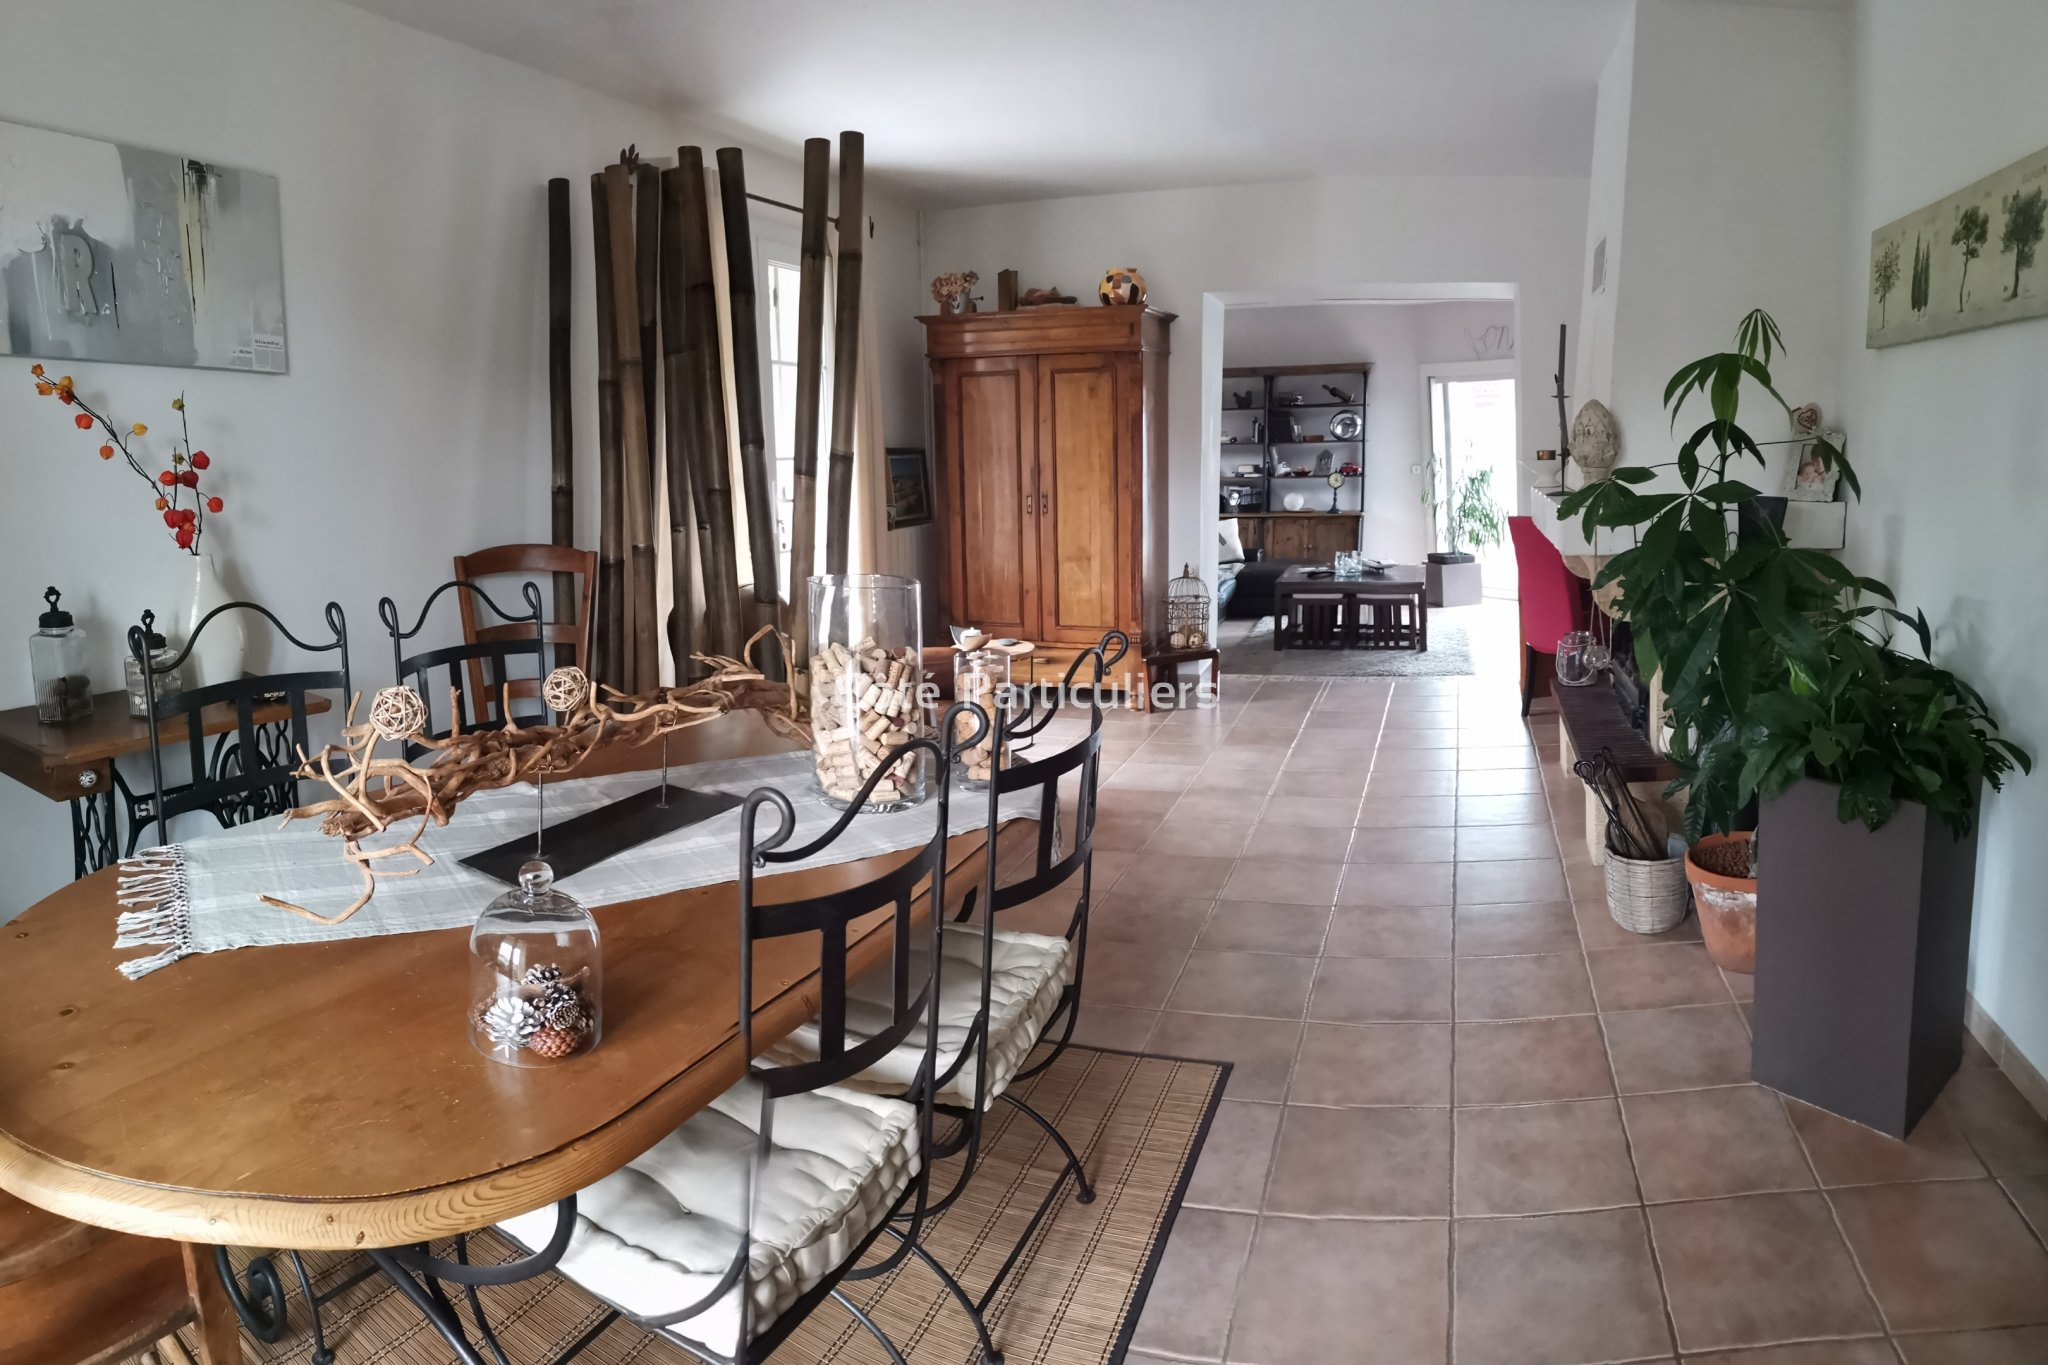 Vente Maison 160 M² - Grazailles - Piscine tout Piscine Grazailles